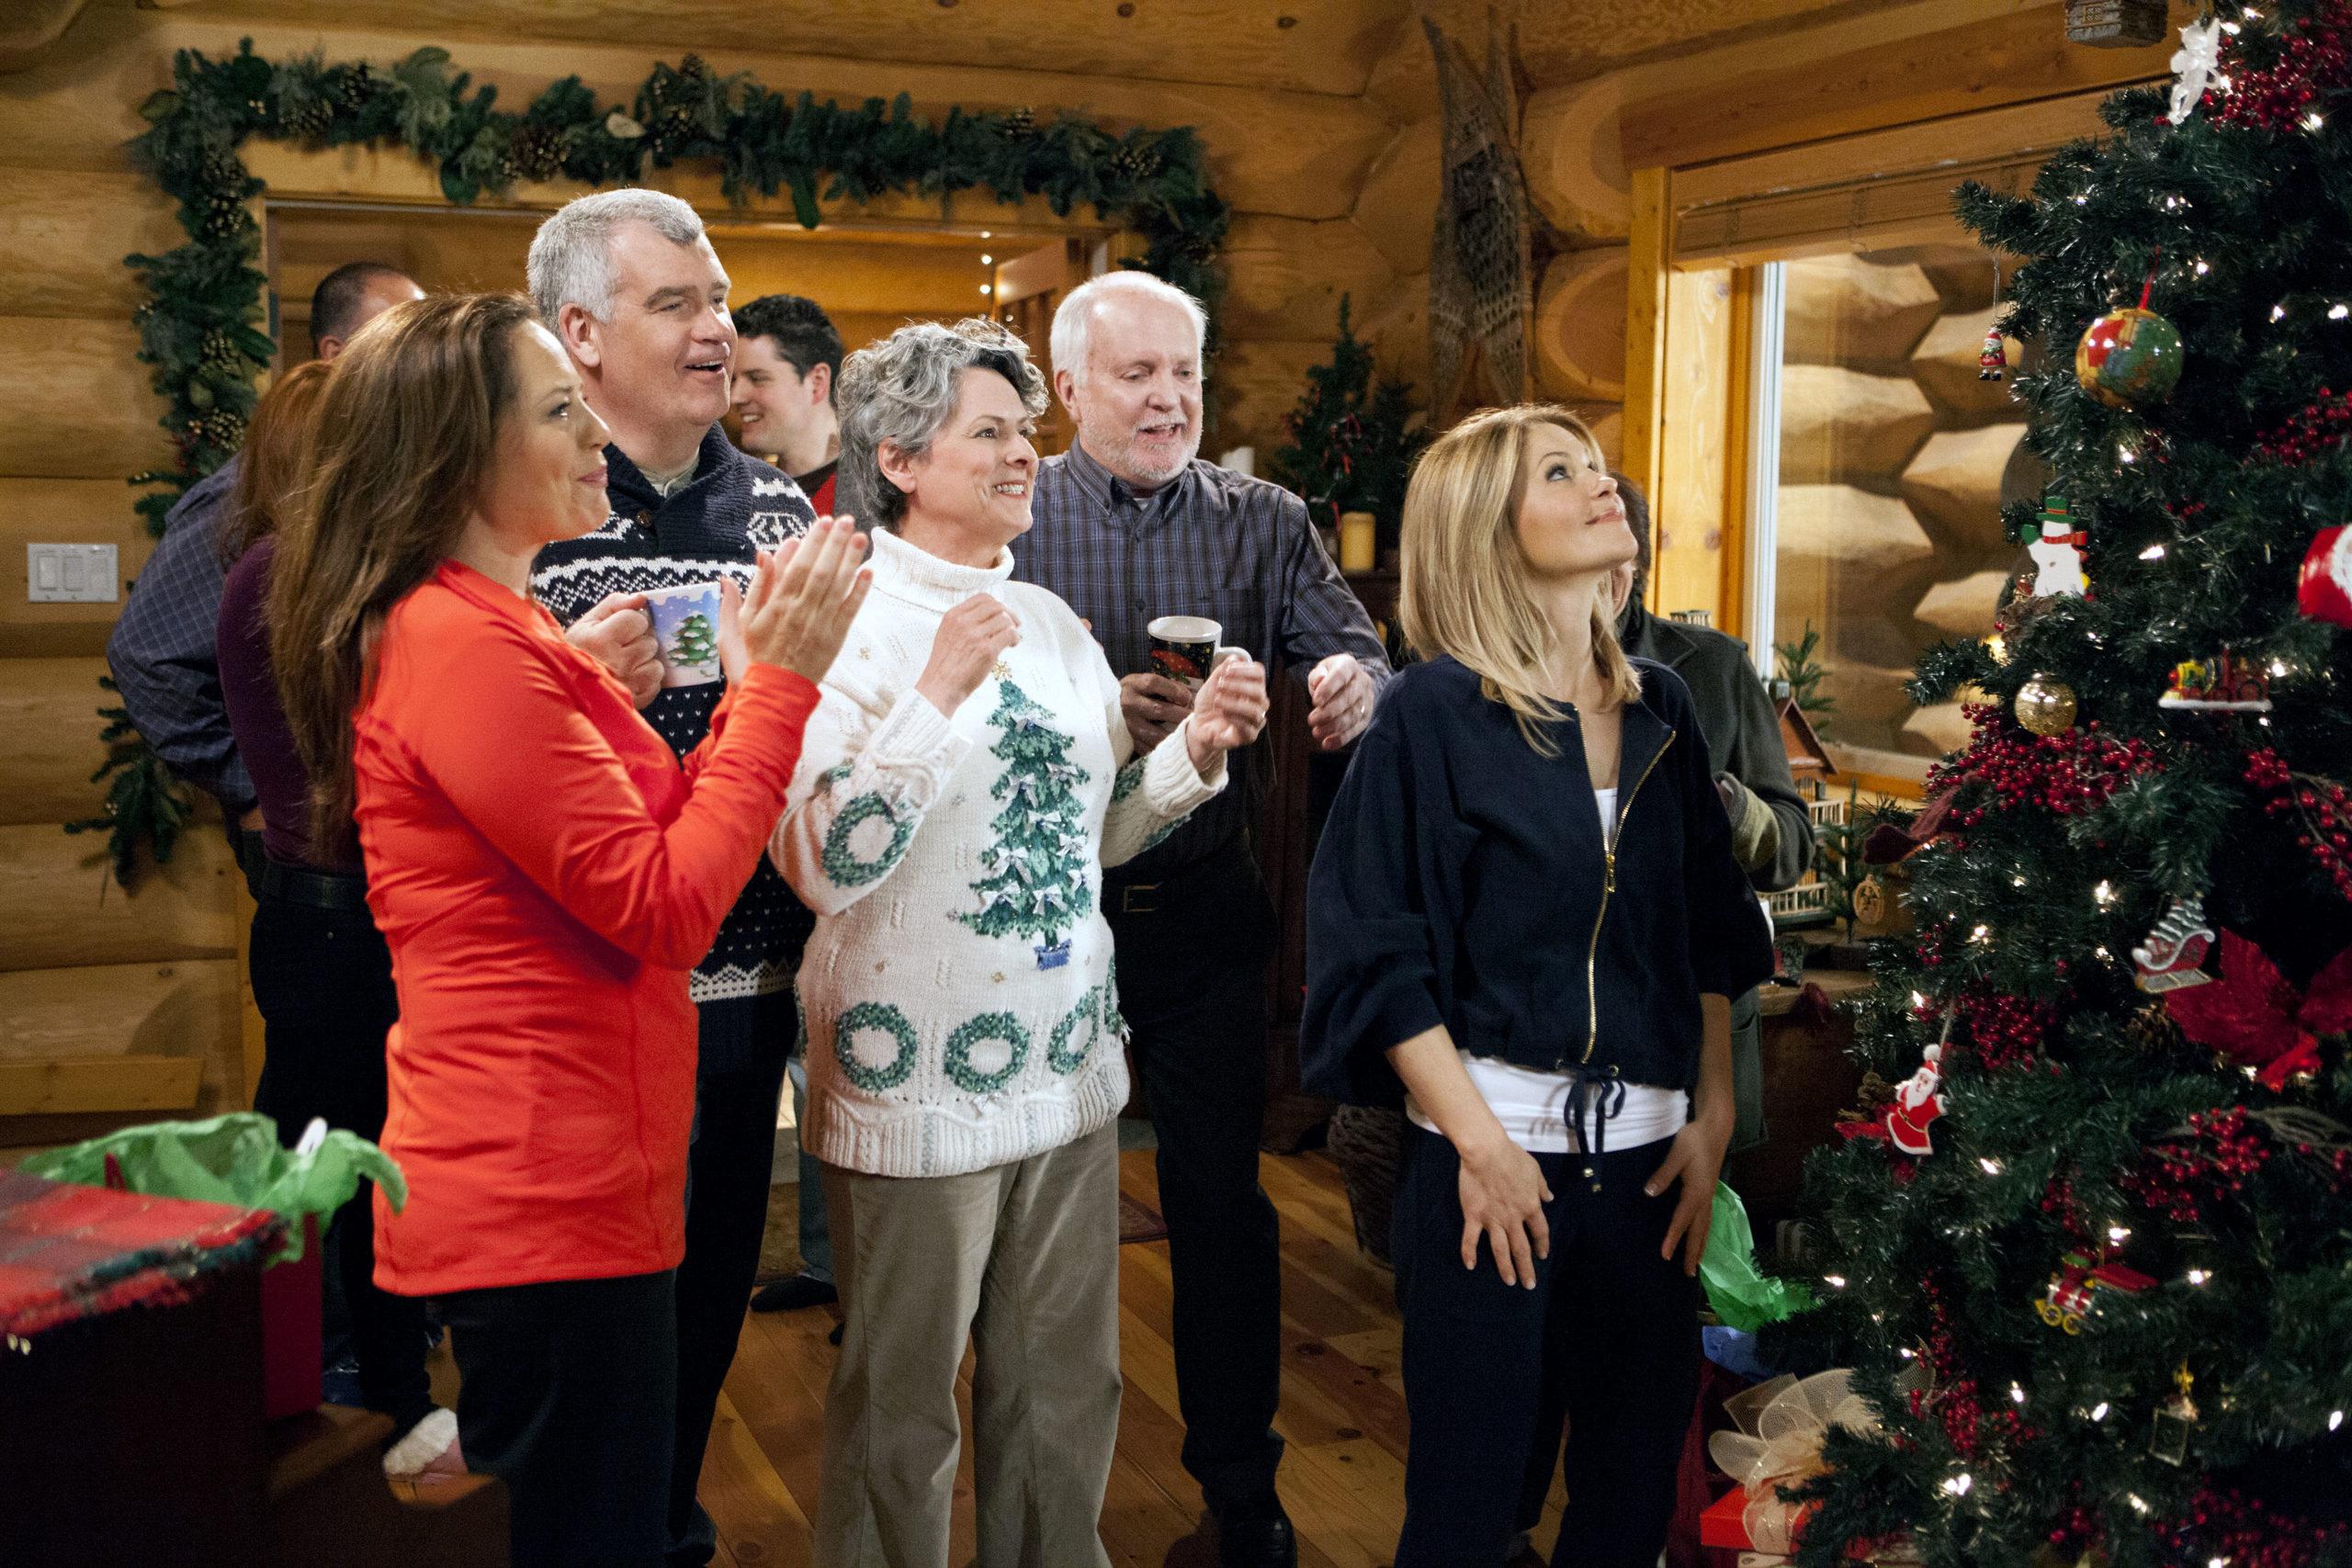 Hallmark Christmas Movies - Let it Snow - Eike Schroter - Crown Media - 01